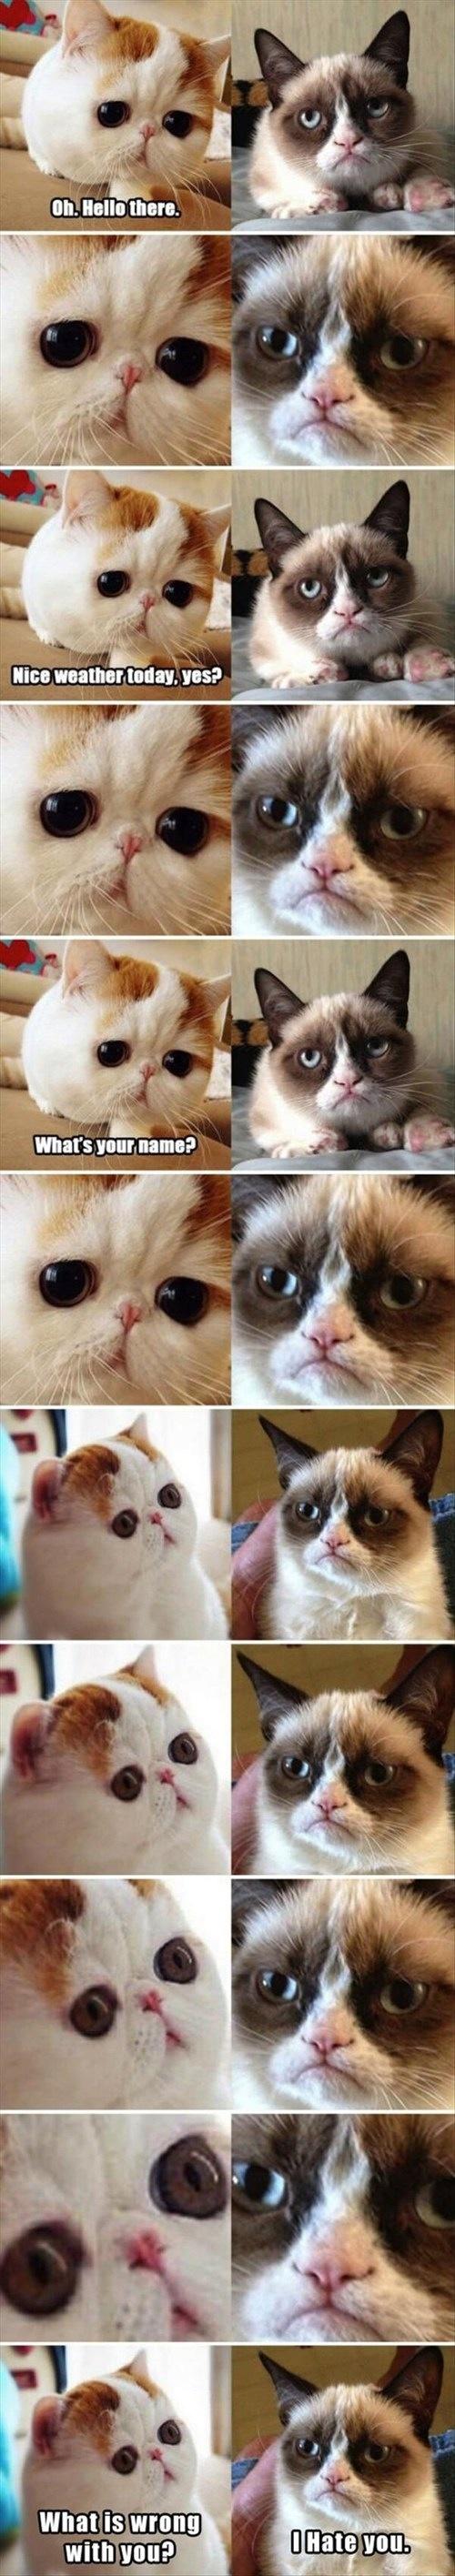 best meme images on pinterest